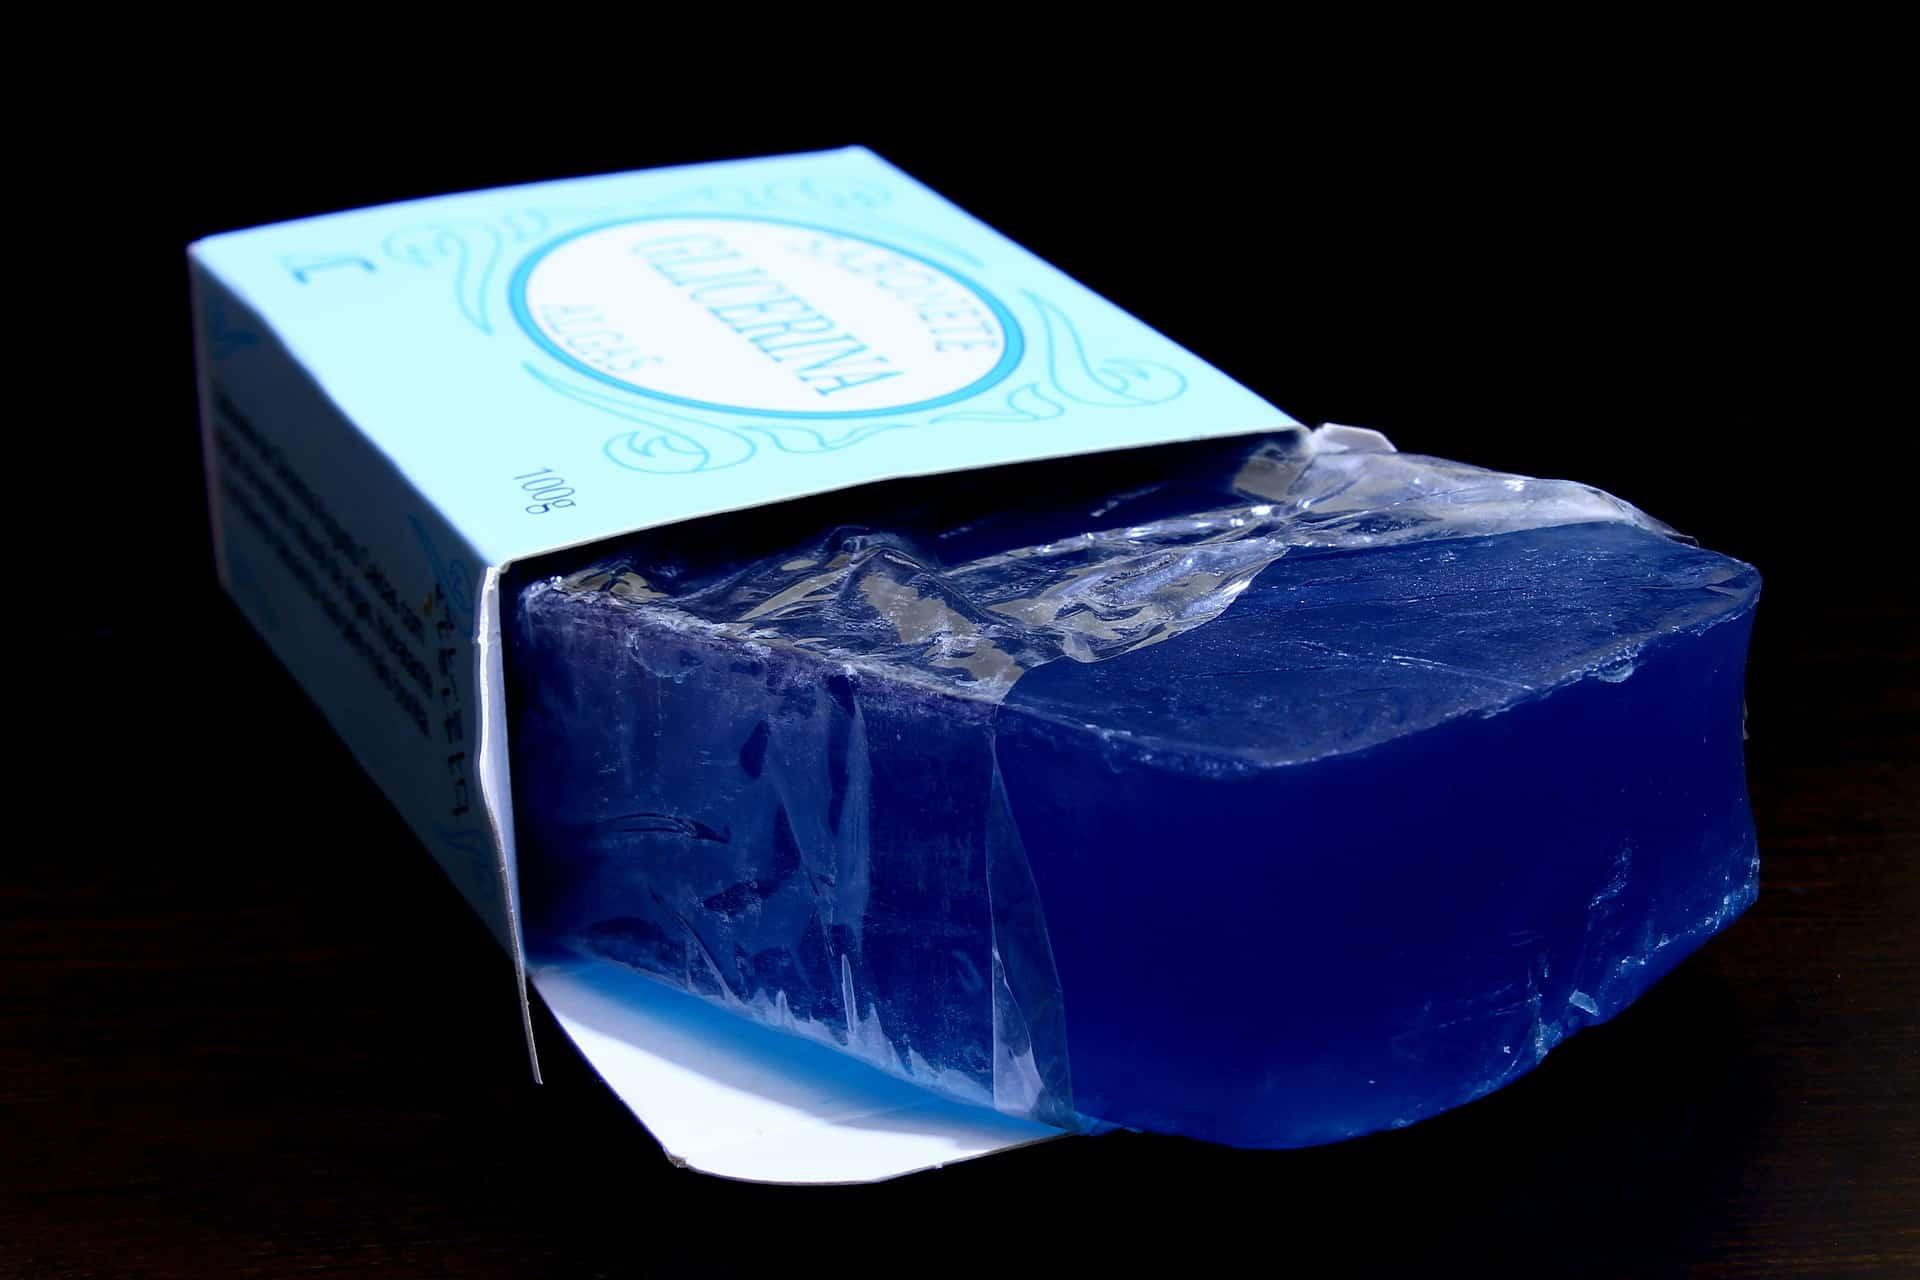 Sabonete azul glicerinado parcialmente retirado da embalagem sob fundo escuro.